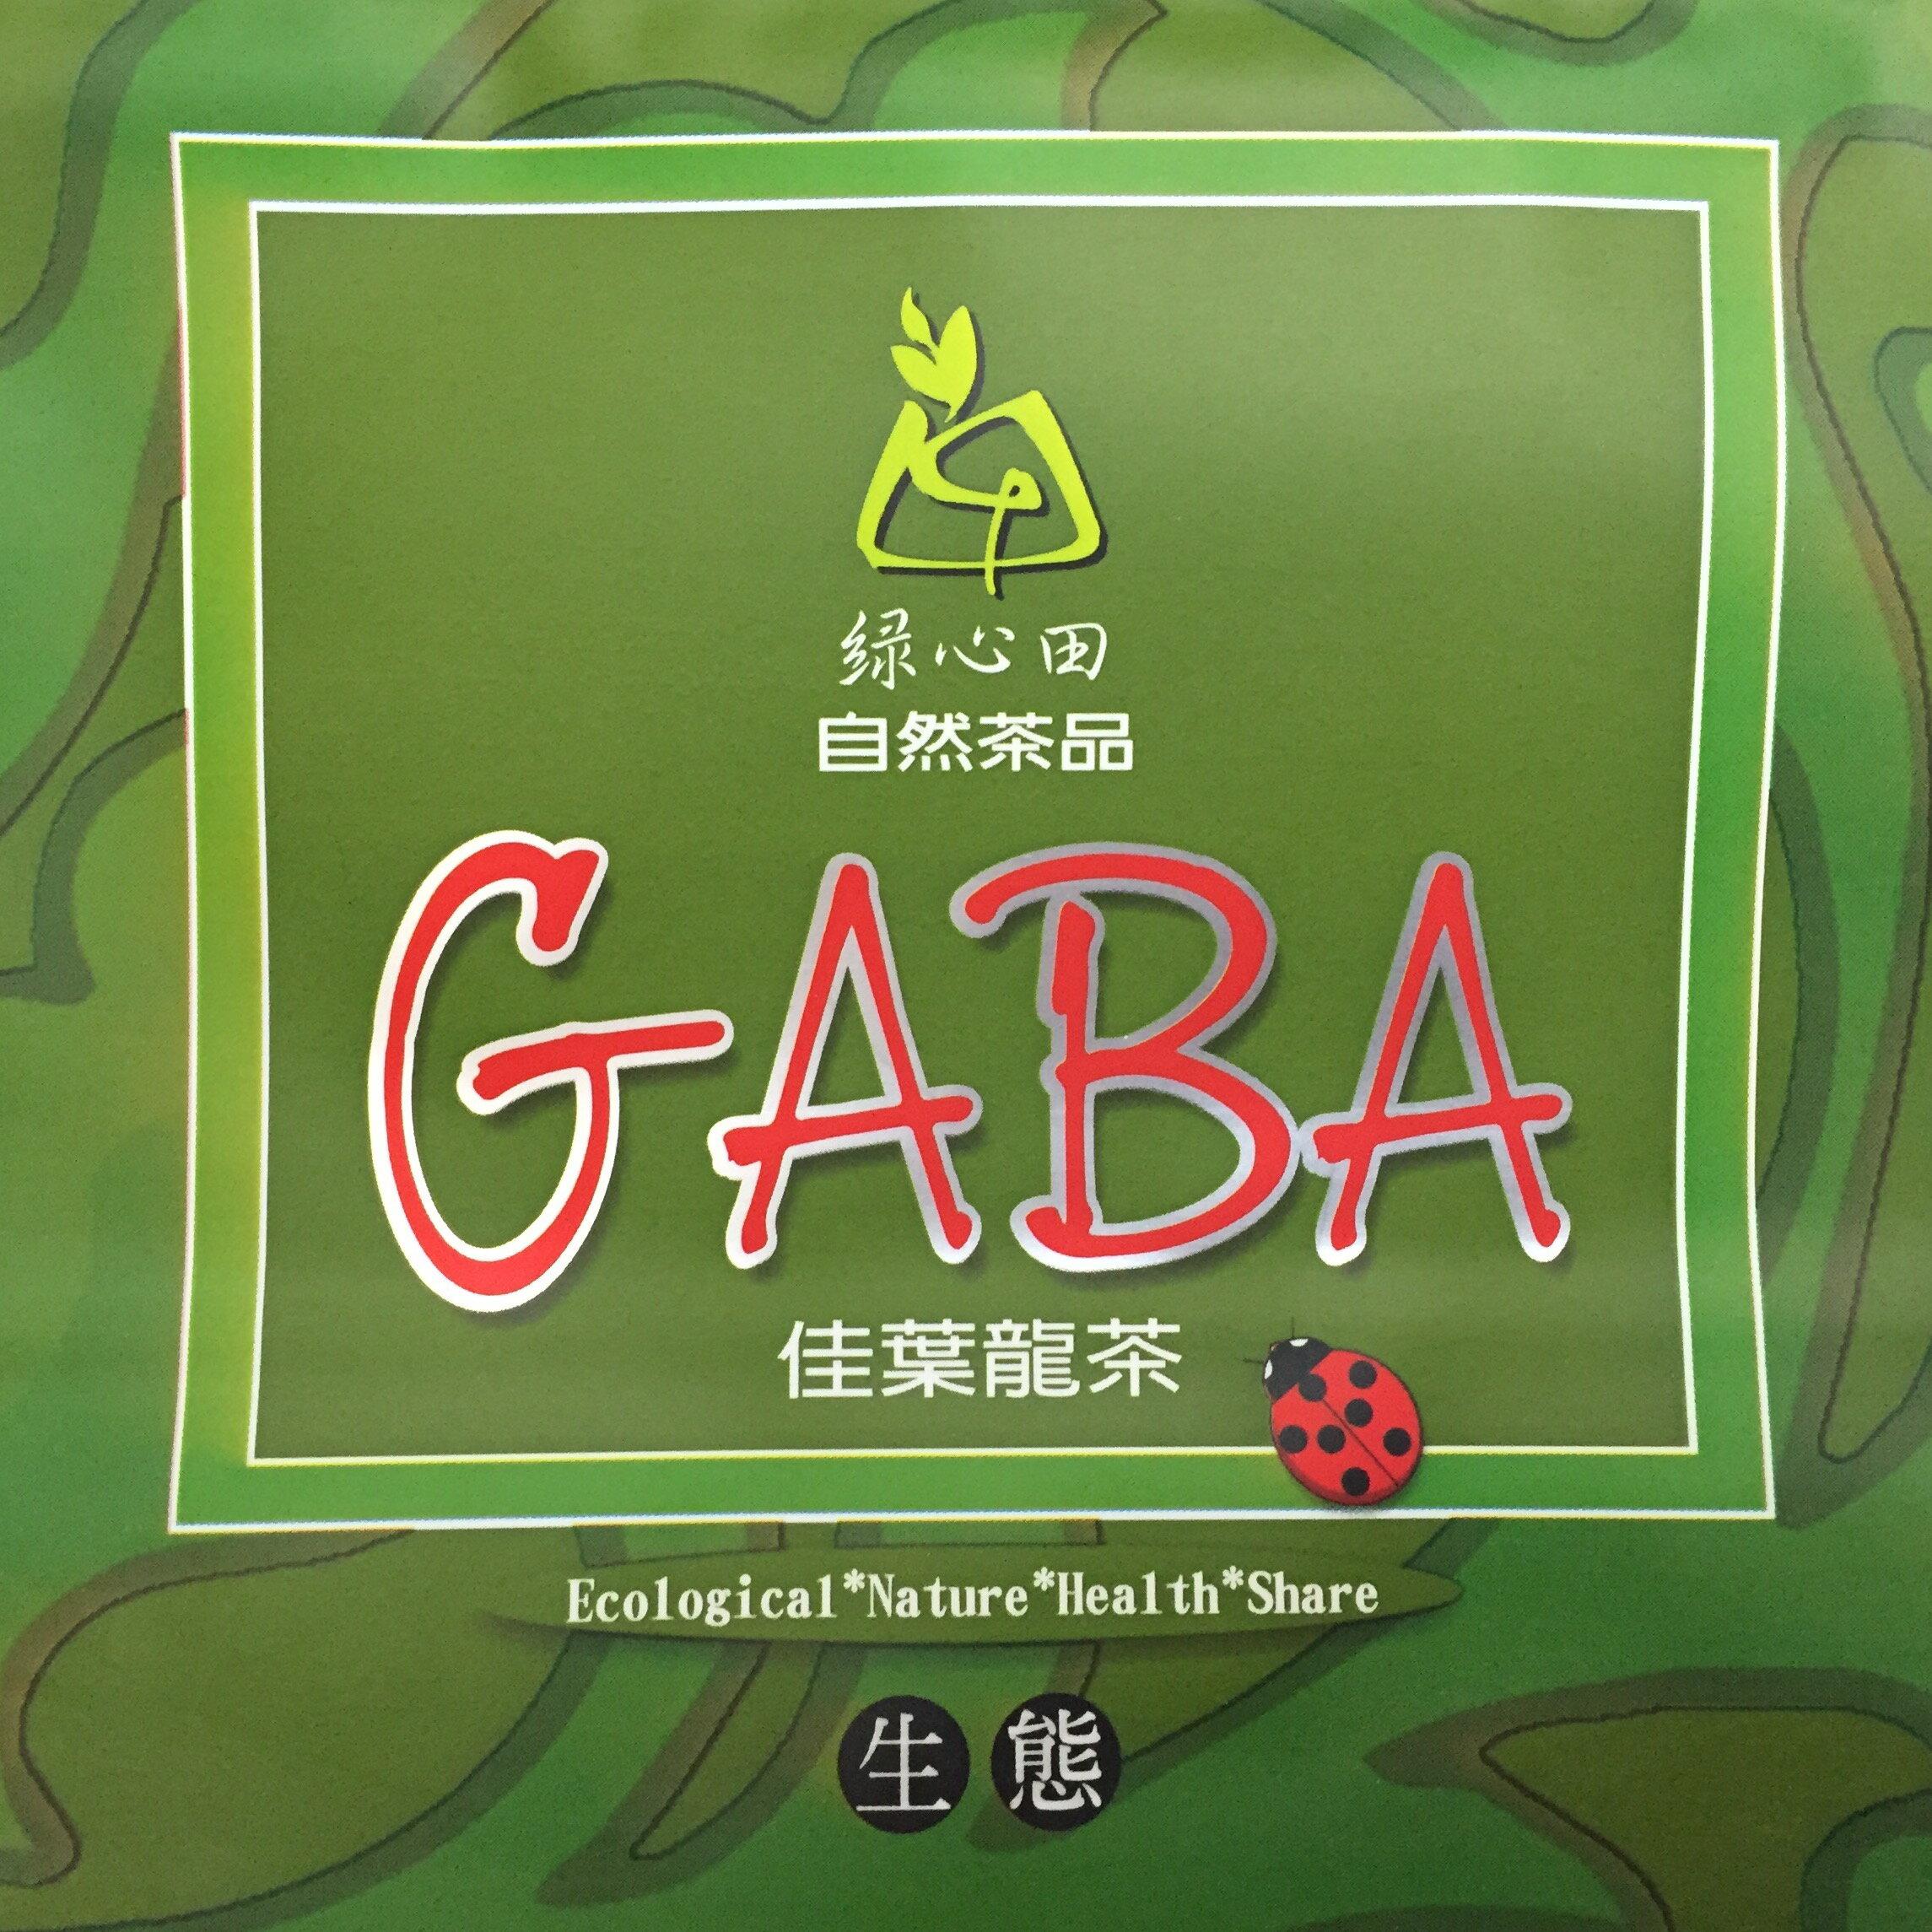 GABA佳葉龍茶【原片茶葉】茶袋裝--出外上班族最愛//20袋入